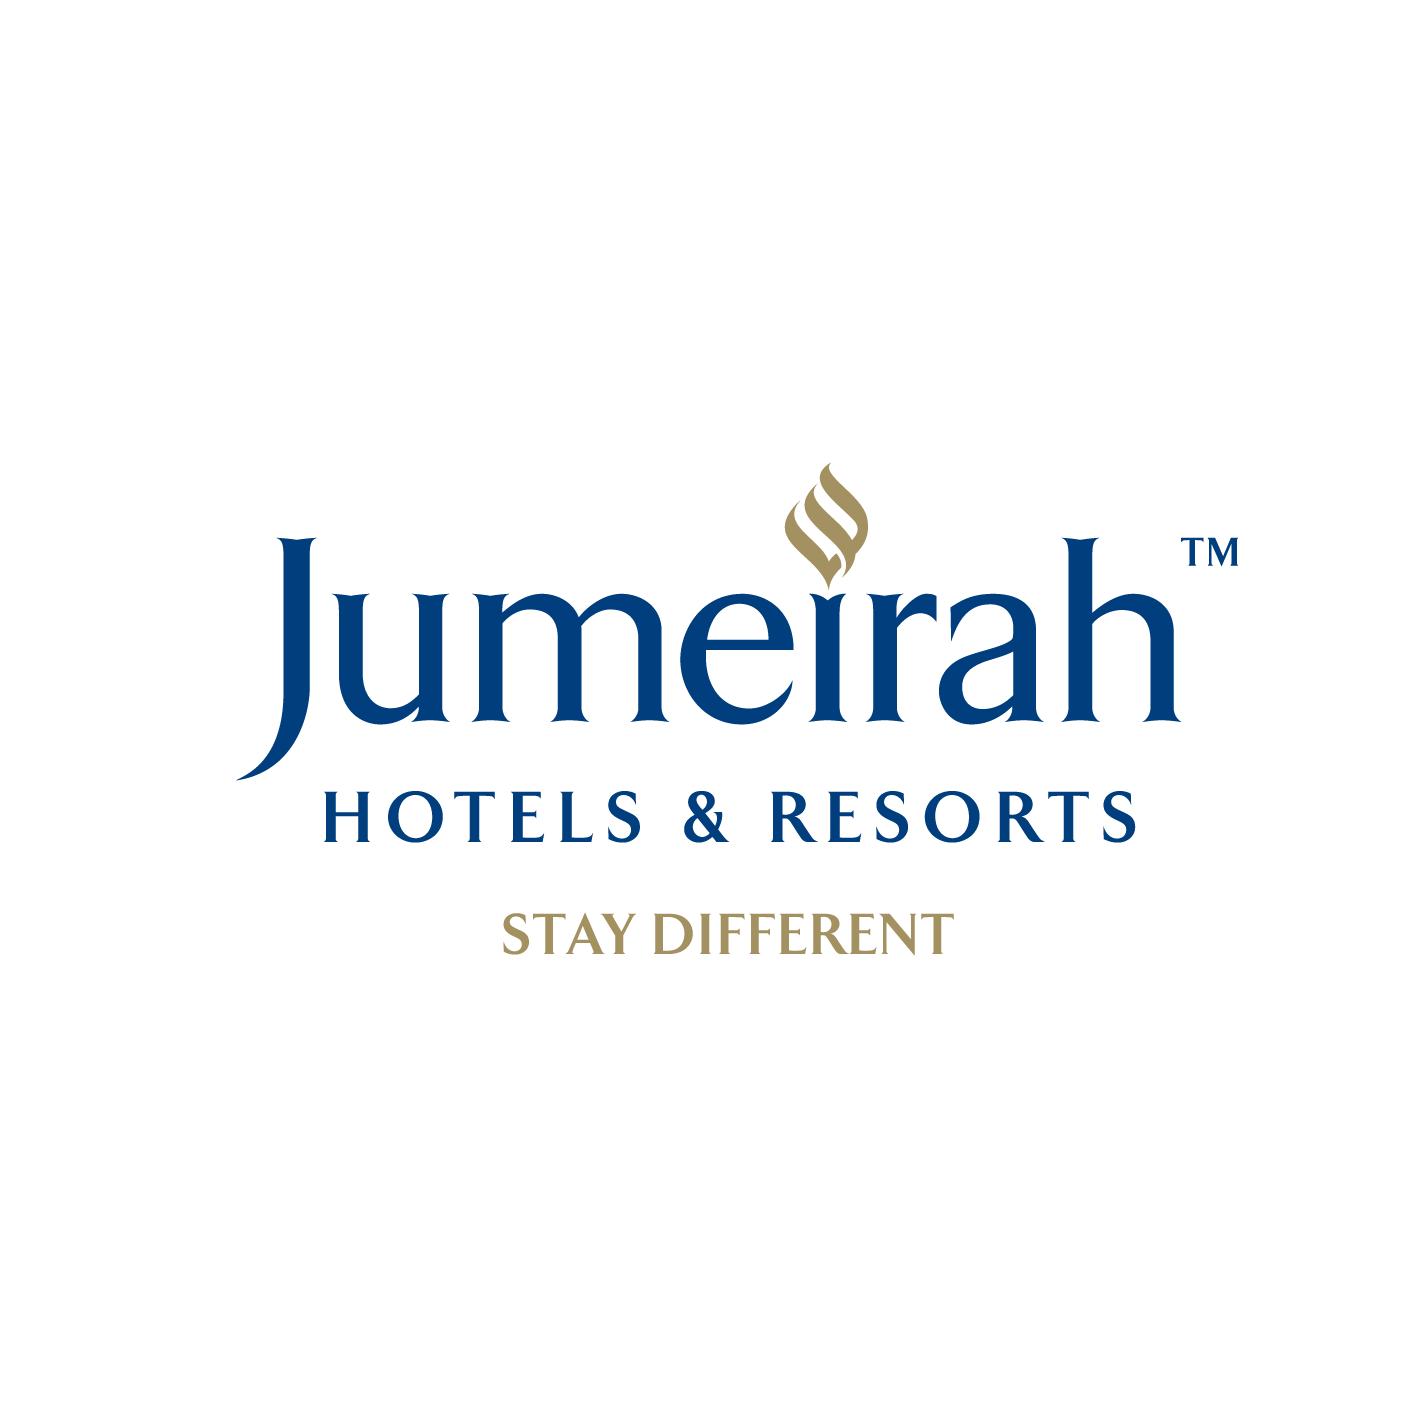 Jumeirah Hotels & Resorts.png